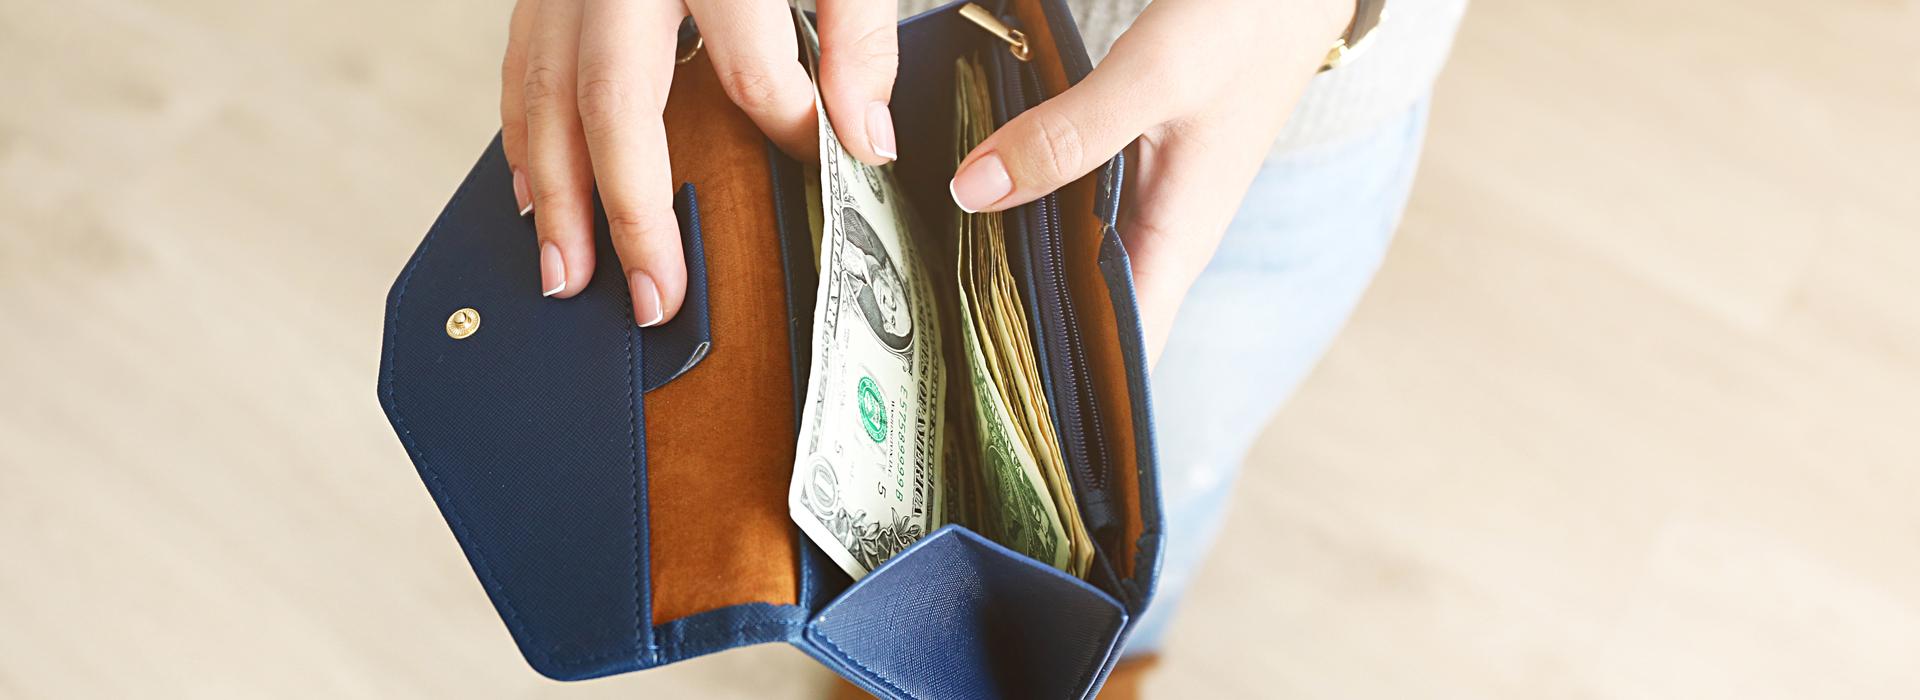 搶救低薪有解?政府發給年輕人40萬,救得了他們的未來嗎?